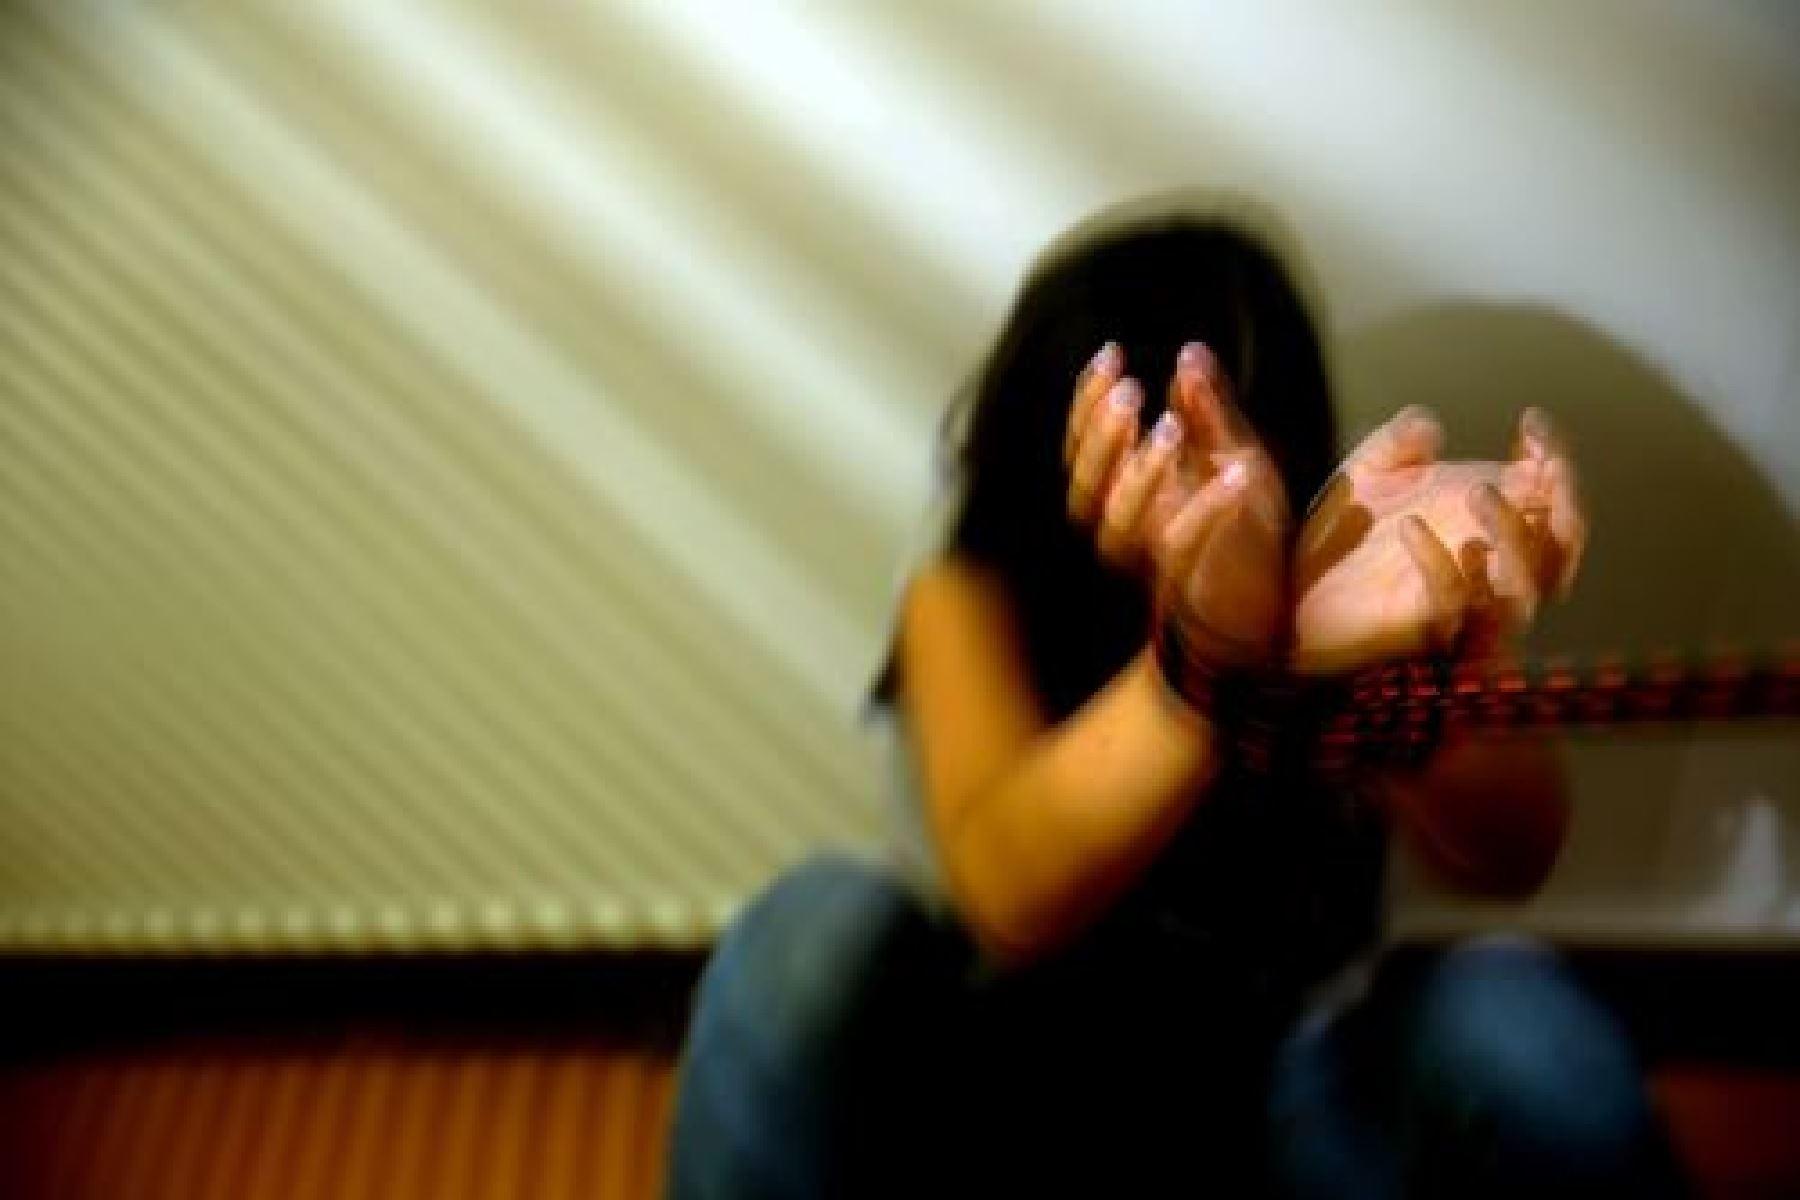 Trujillo registra un peligroso aumento de casos de trata de personas, revela el Ministerio Público. ANDINA/Archivo